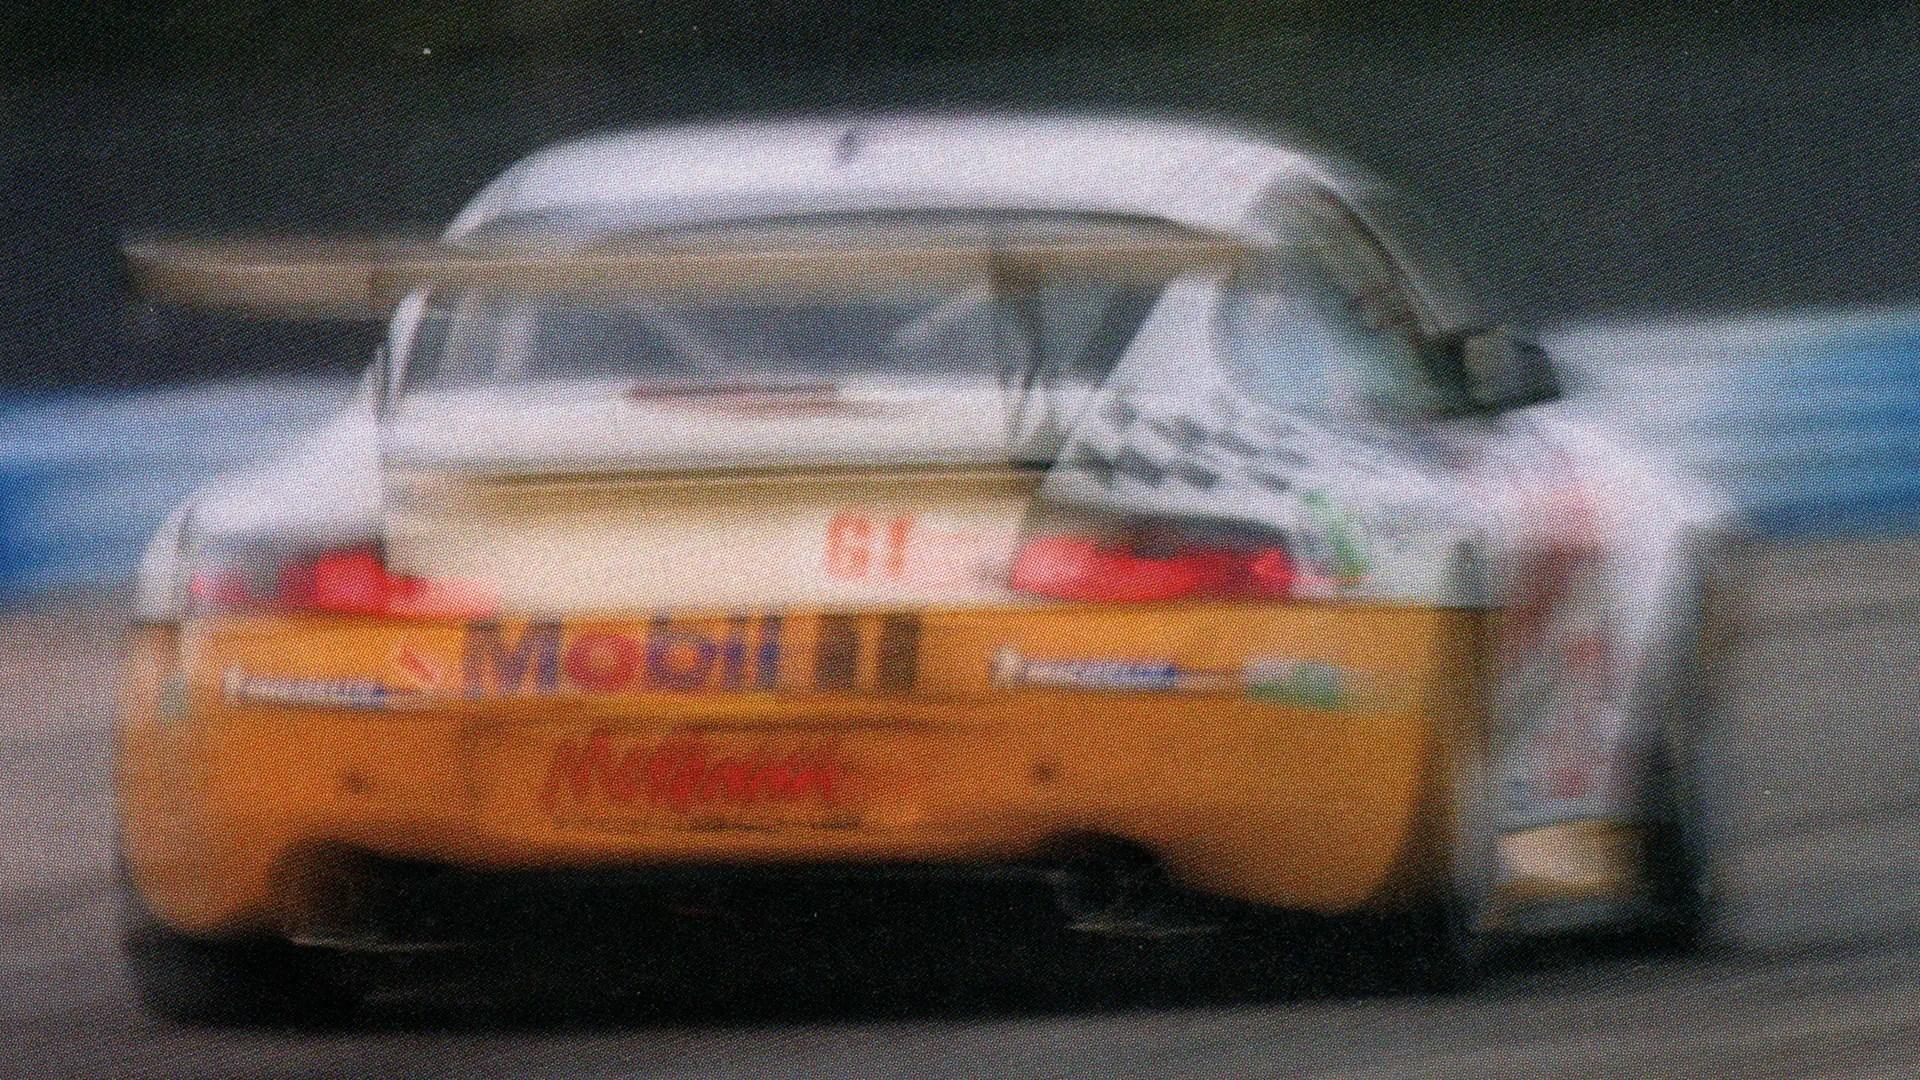 Porsche Motorsports